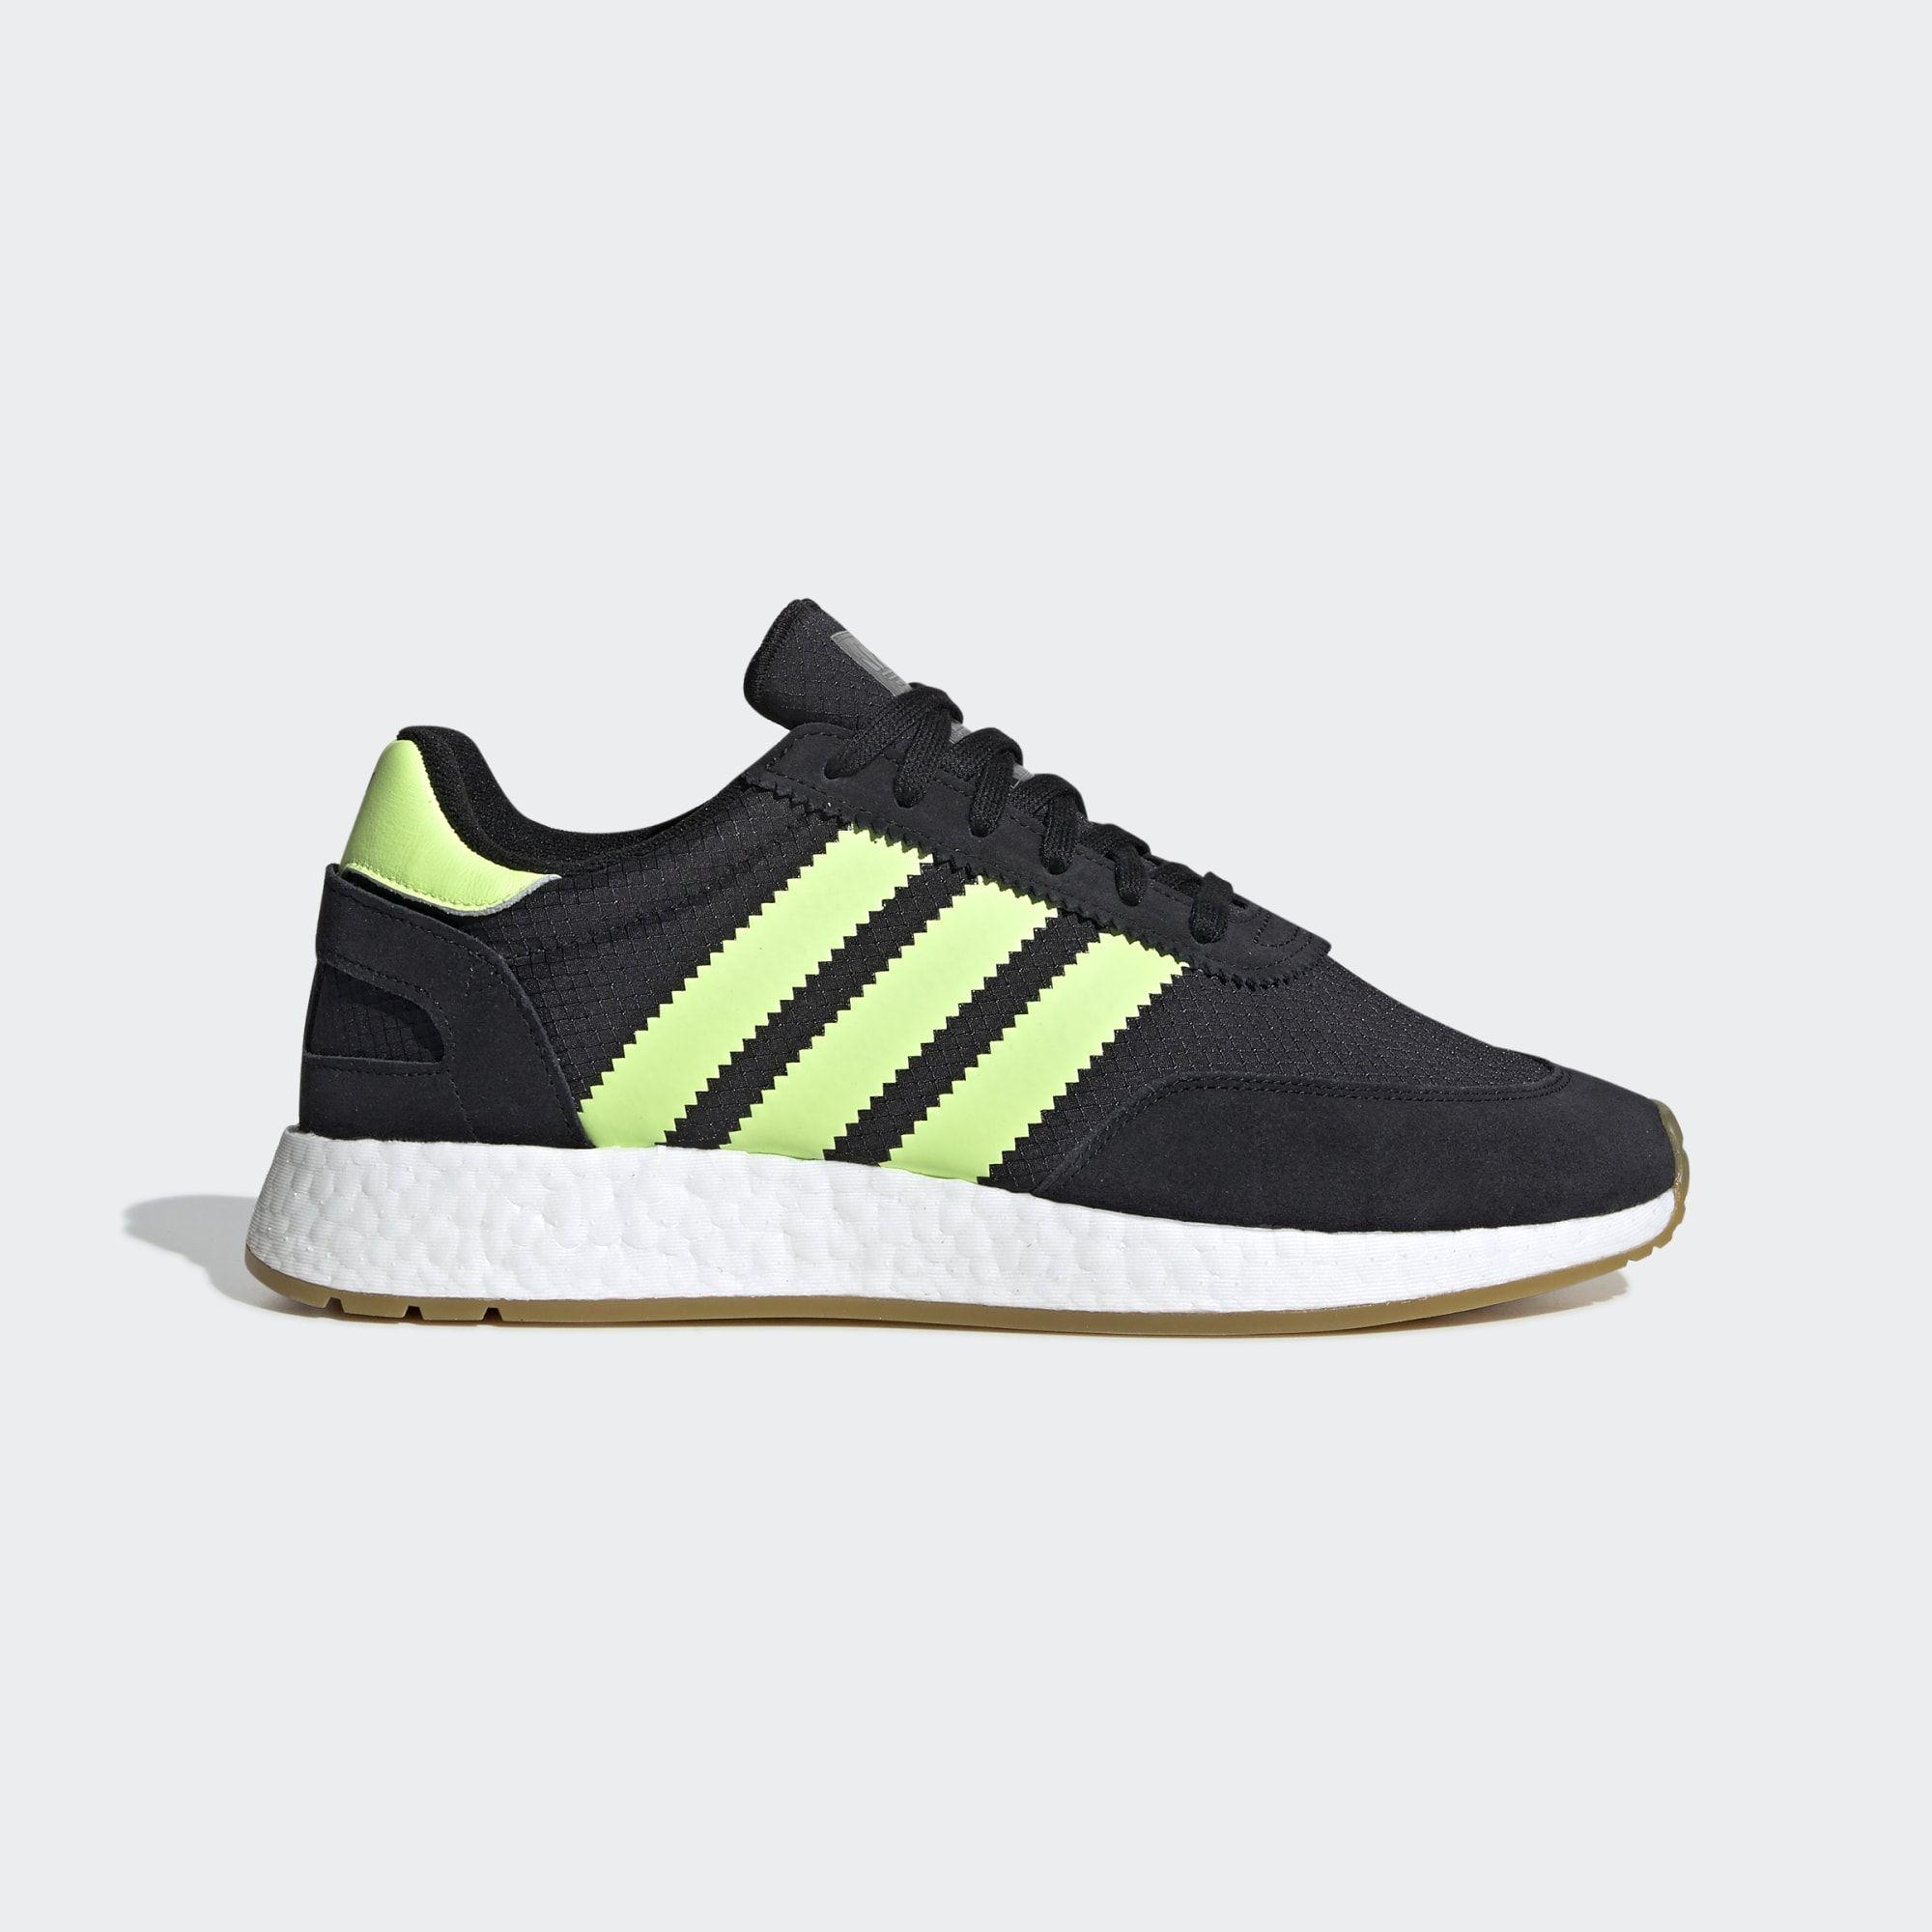 Adidas I 5923 Shoes Core Black Hi Res Yellow Gum